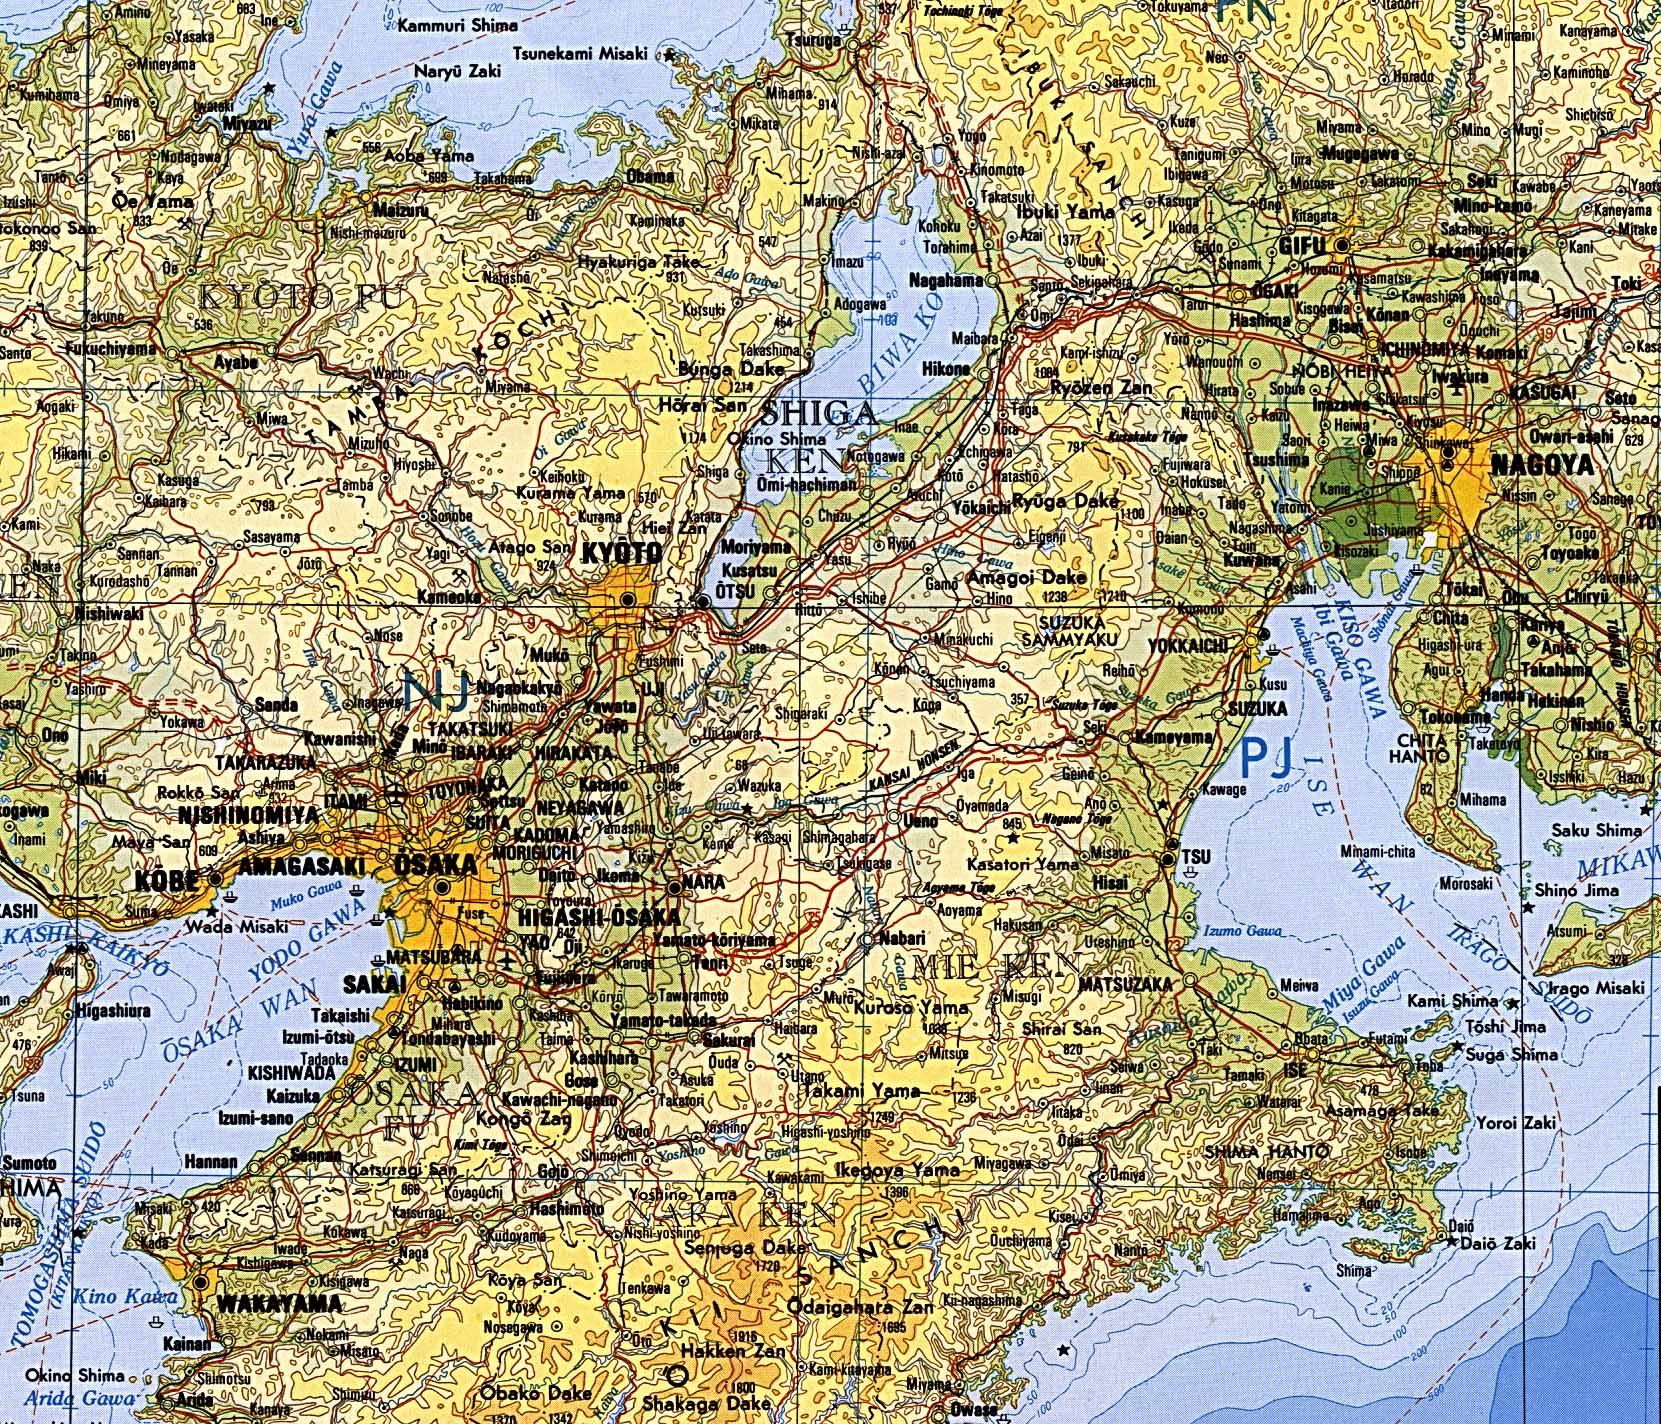 u s defense mapping agency 1977 824k osaka kyoto nagoya region topographic